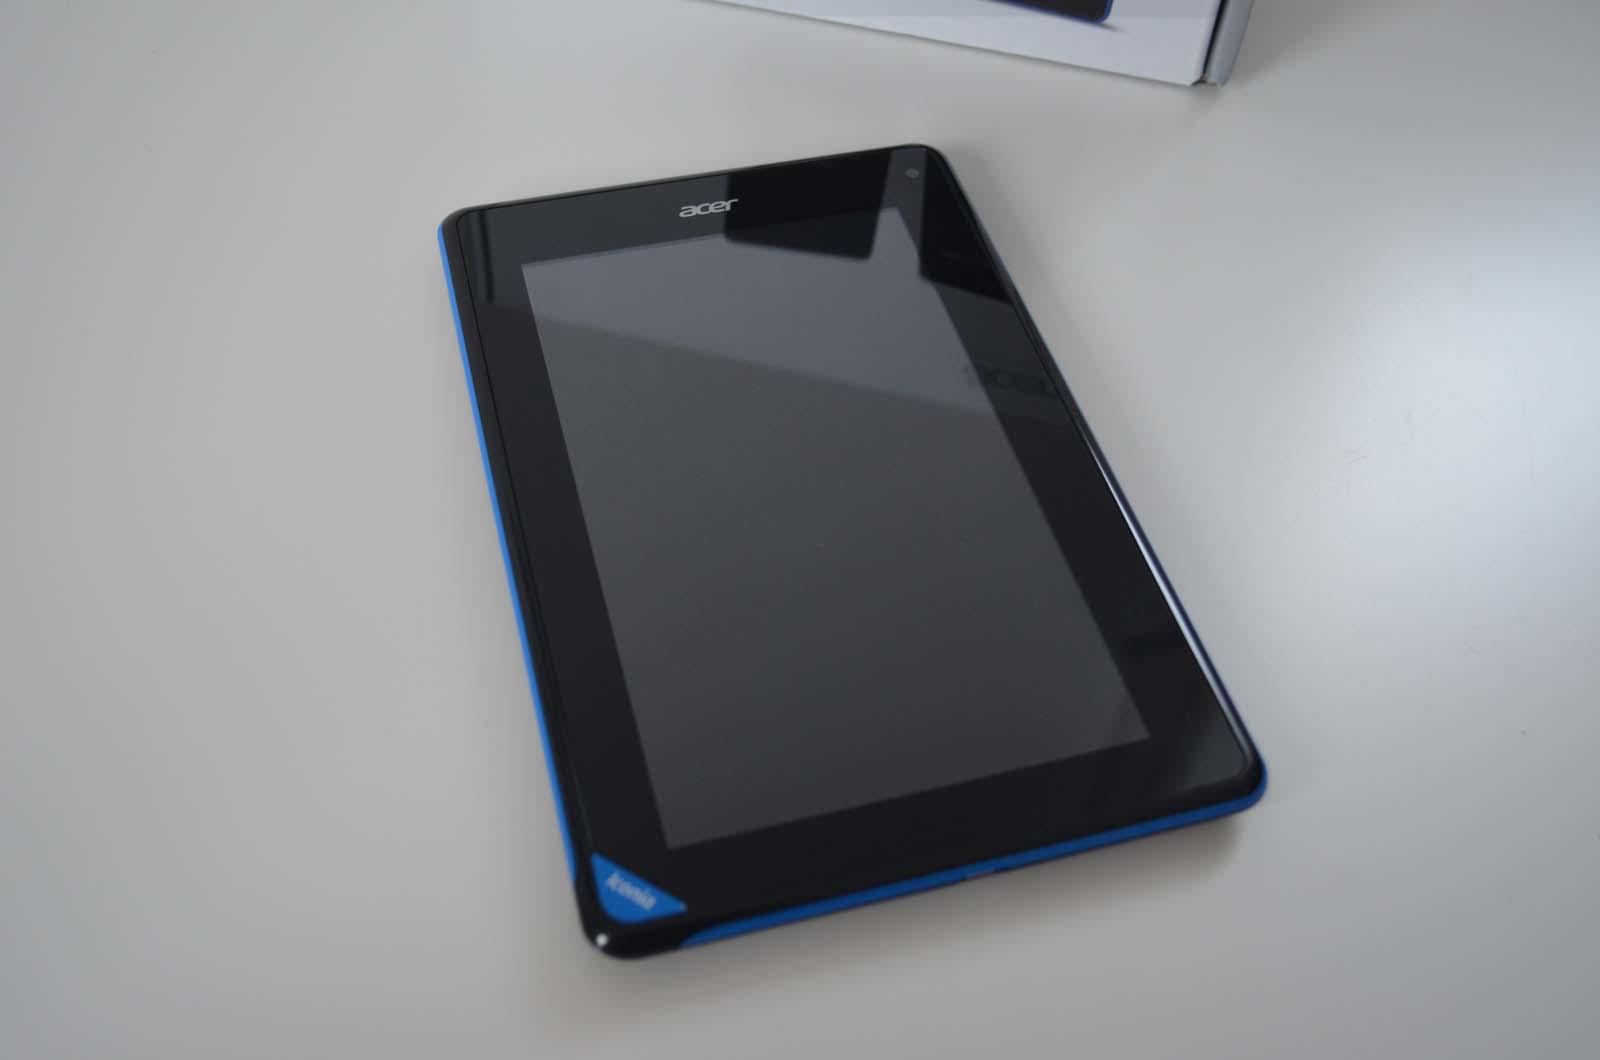 Acer Iconia B1-A71 im Unboxing-Video und Vergleich mit dem Nexus 7